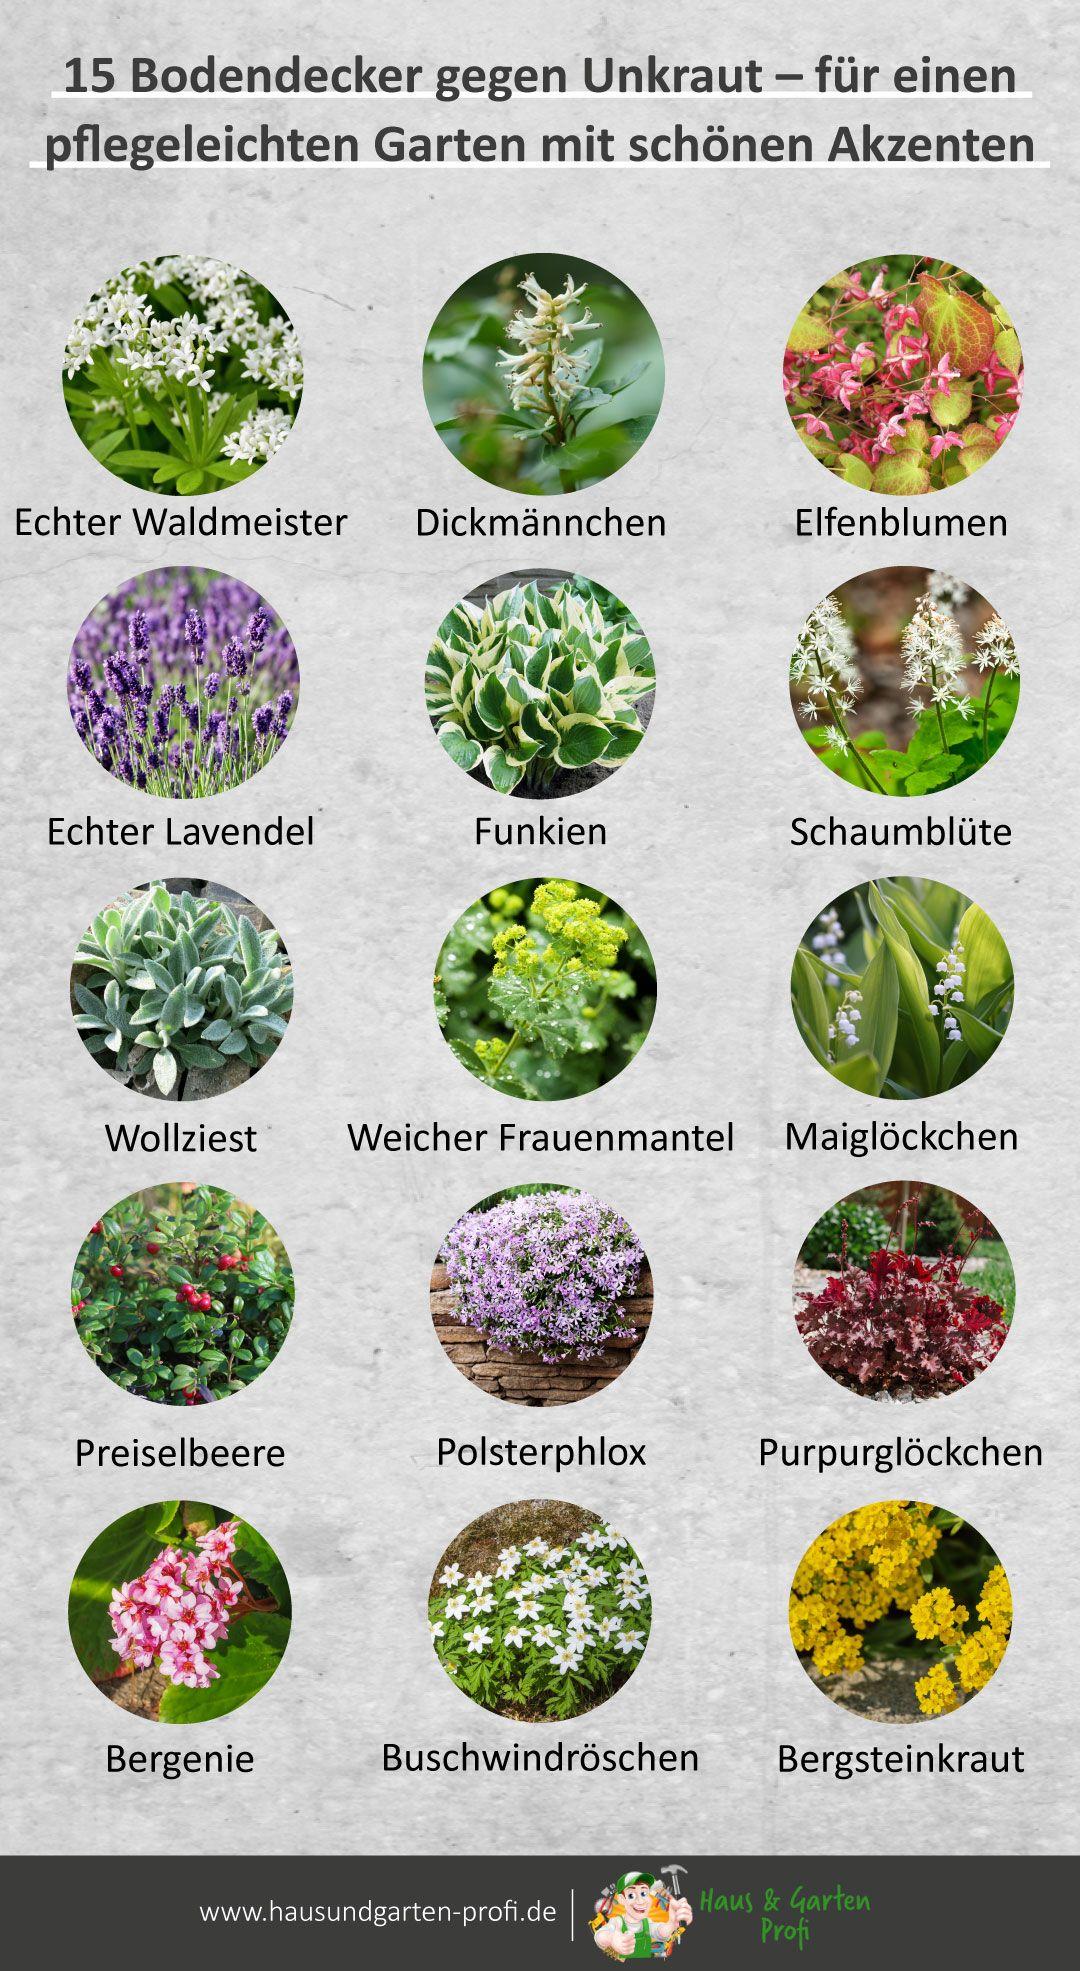 15 Bodendecker gegen Unkraut – für einen pflegeleichten Garten mit schönen Akzenten